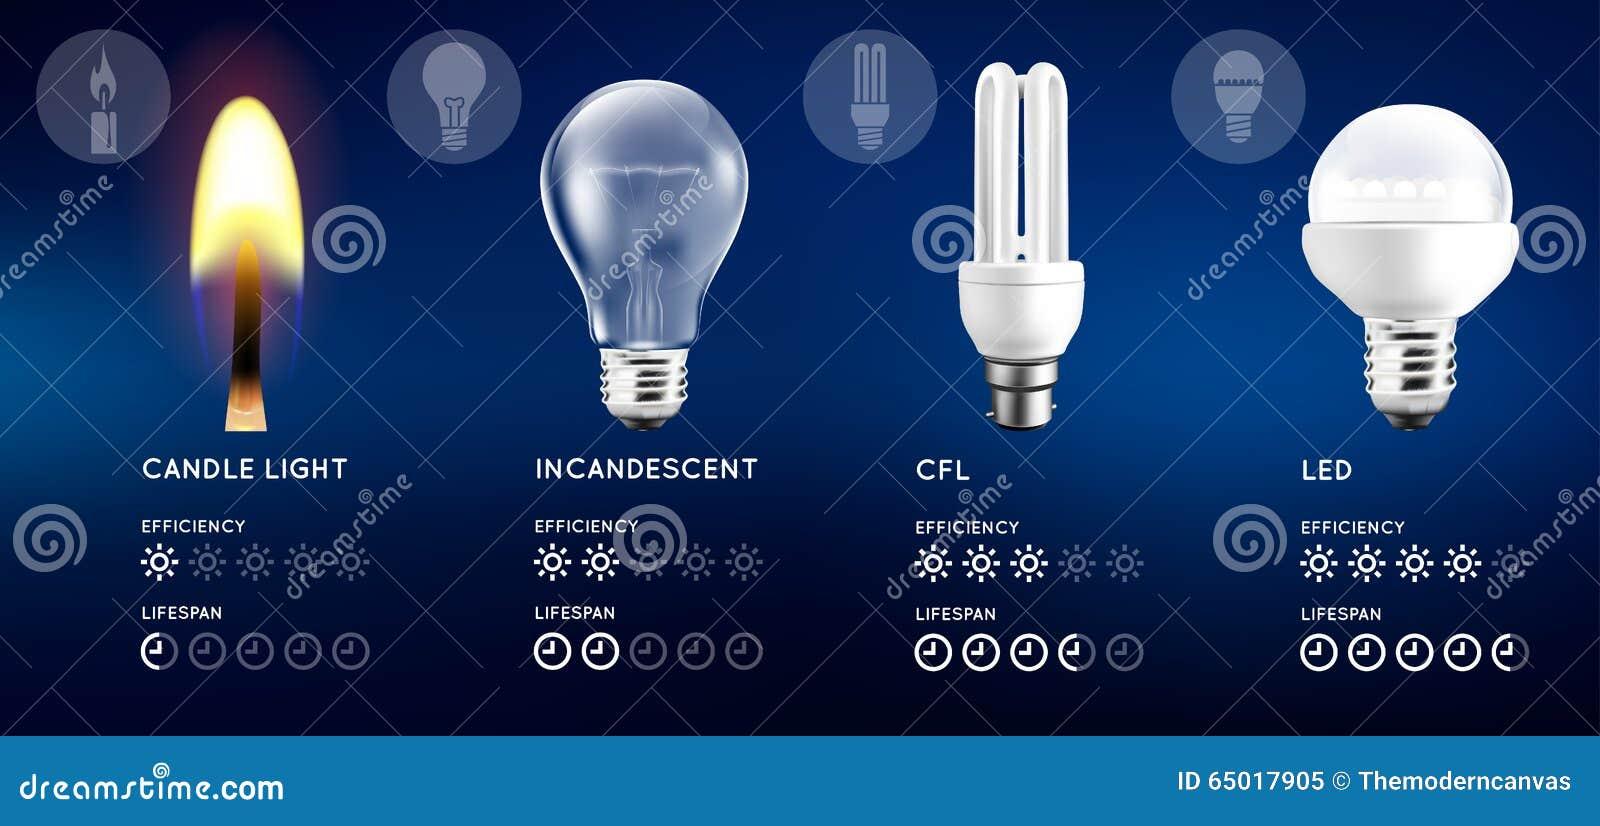 100 led light bulbs vs energy saving t5 vs cfls fluorescent